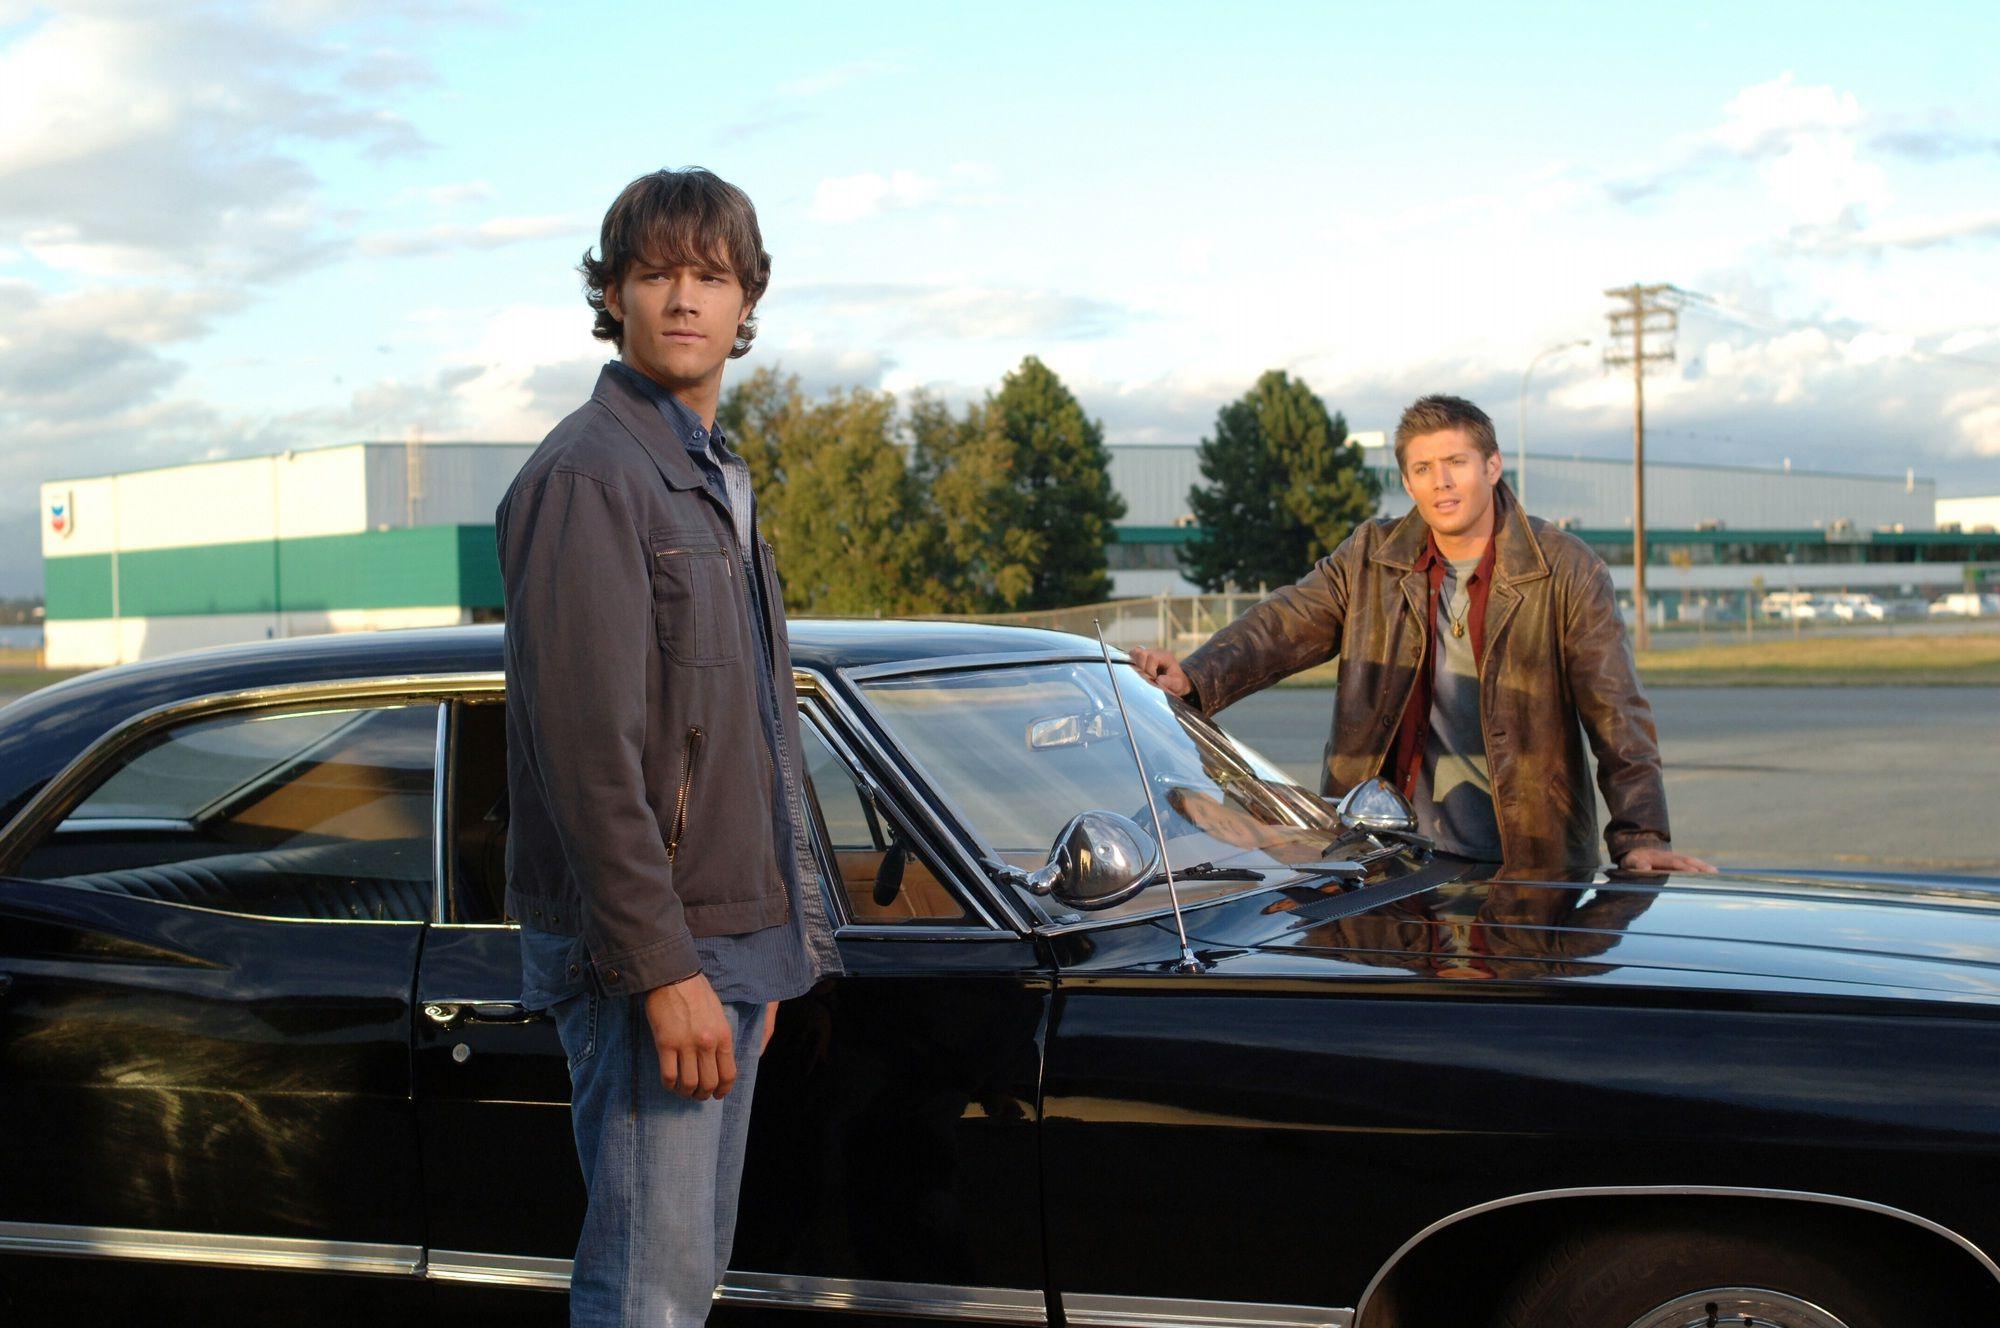 supernatural season 1 | jared padalecki and jensen ackles Supernatural season 1